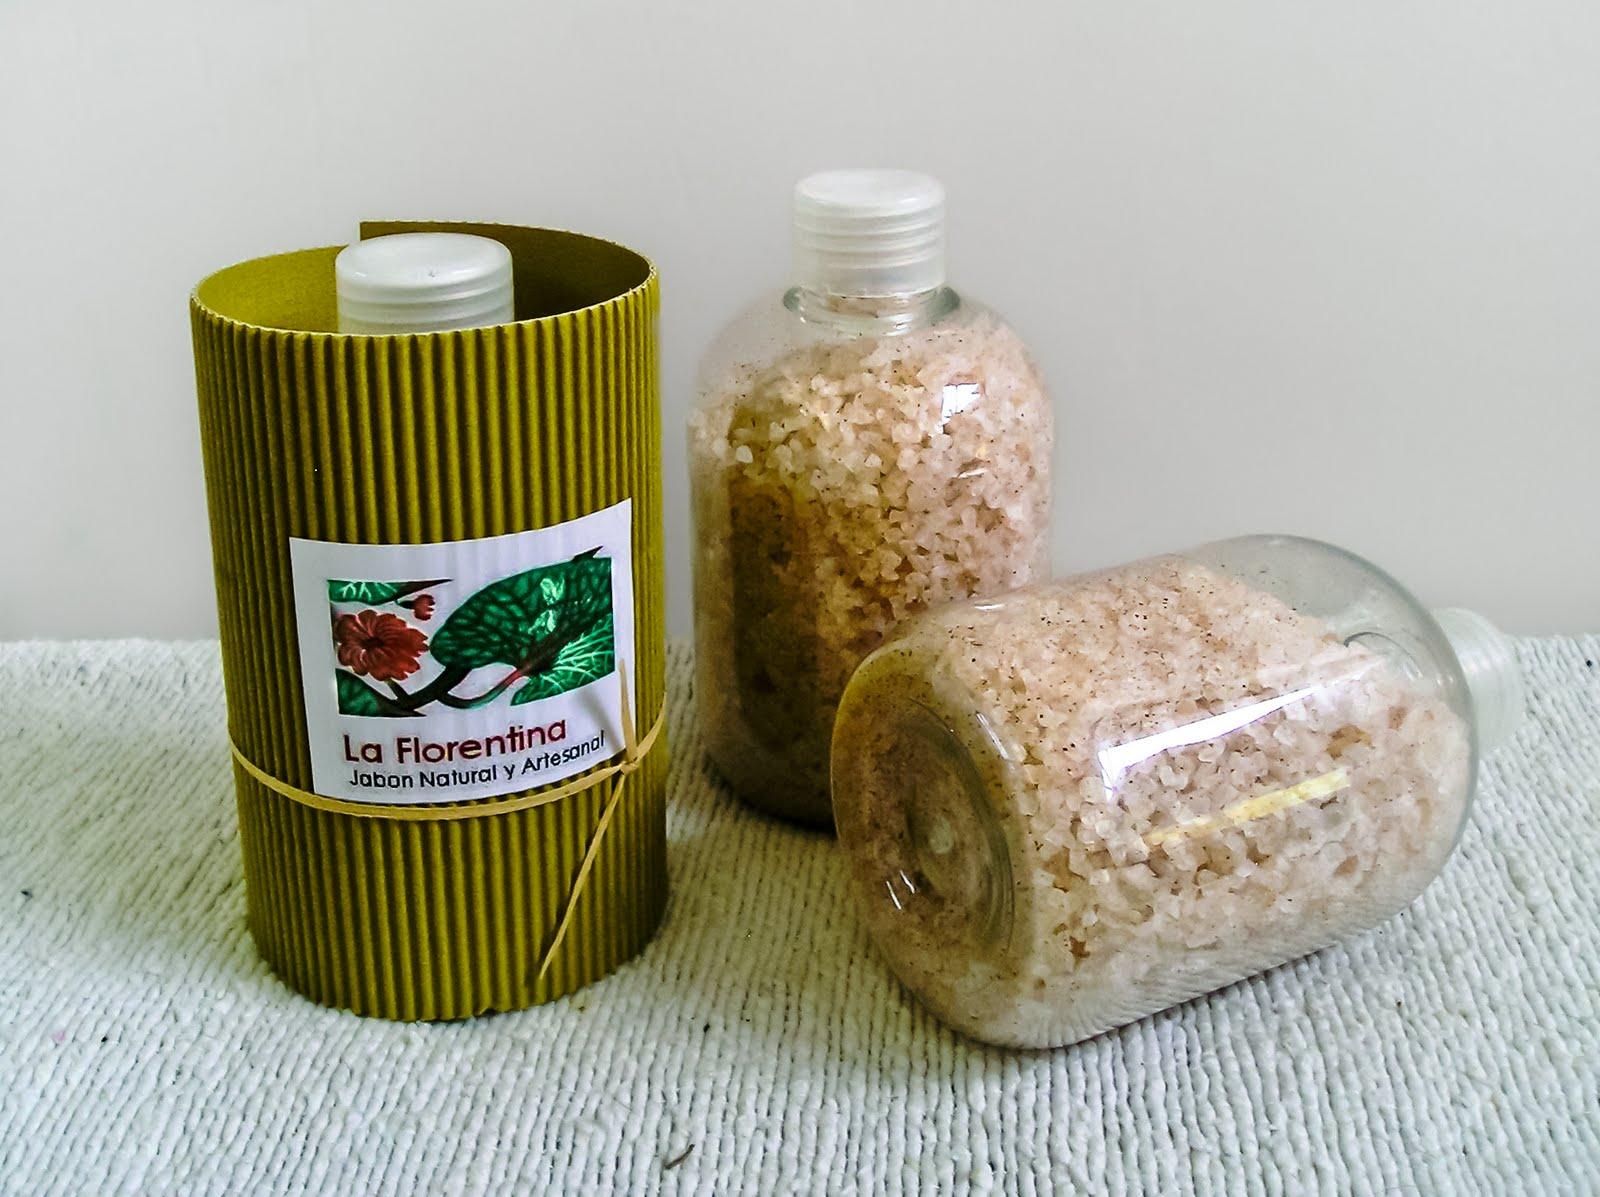 Baño De Tina Con Sal:Ingredientes: Sal marina, sal de epson, aceite de almendras dulces